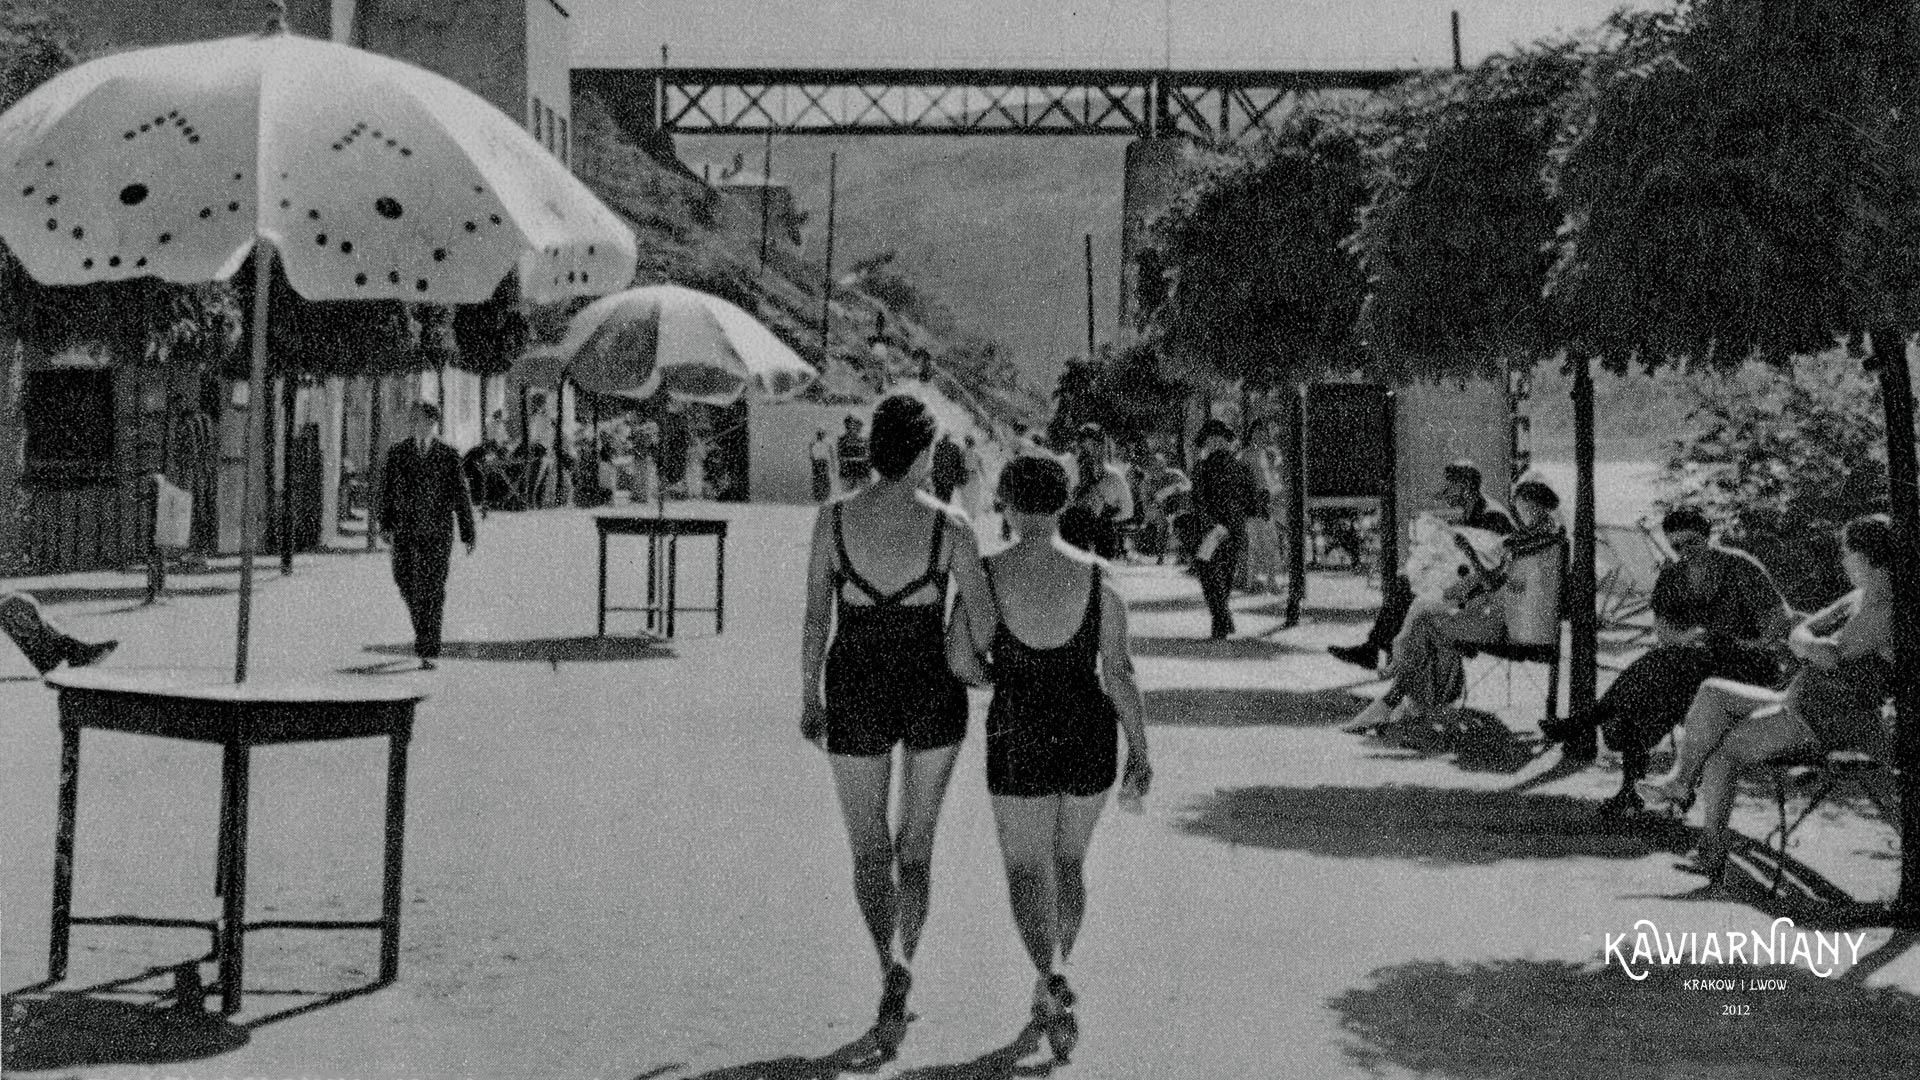 Plaża Słoneczna. Fot. w domenie publicznej, A. Wieczorek